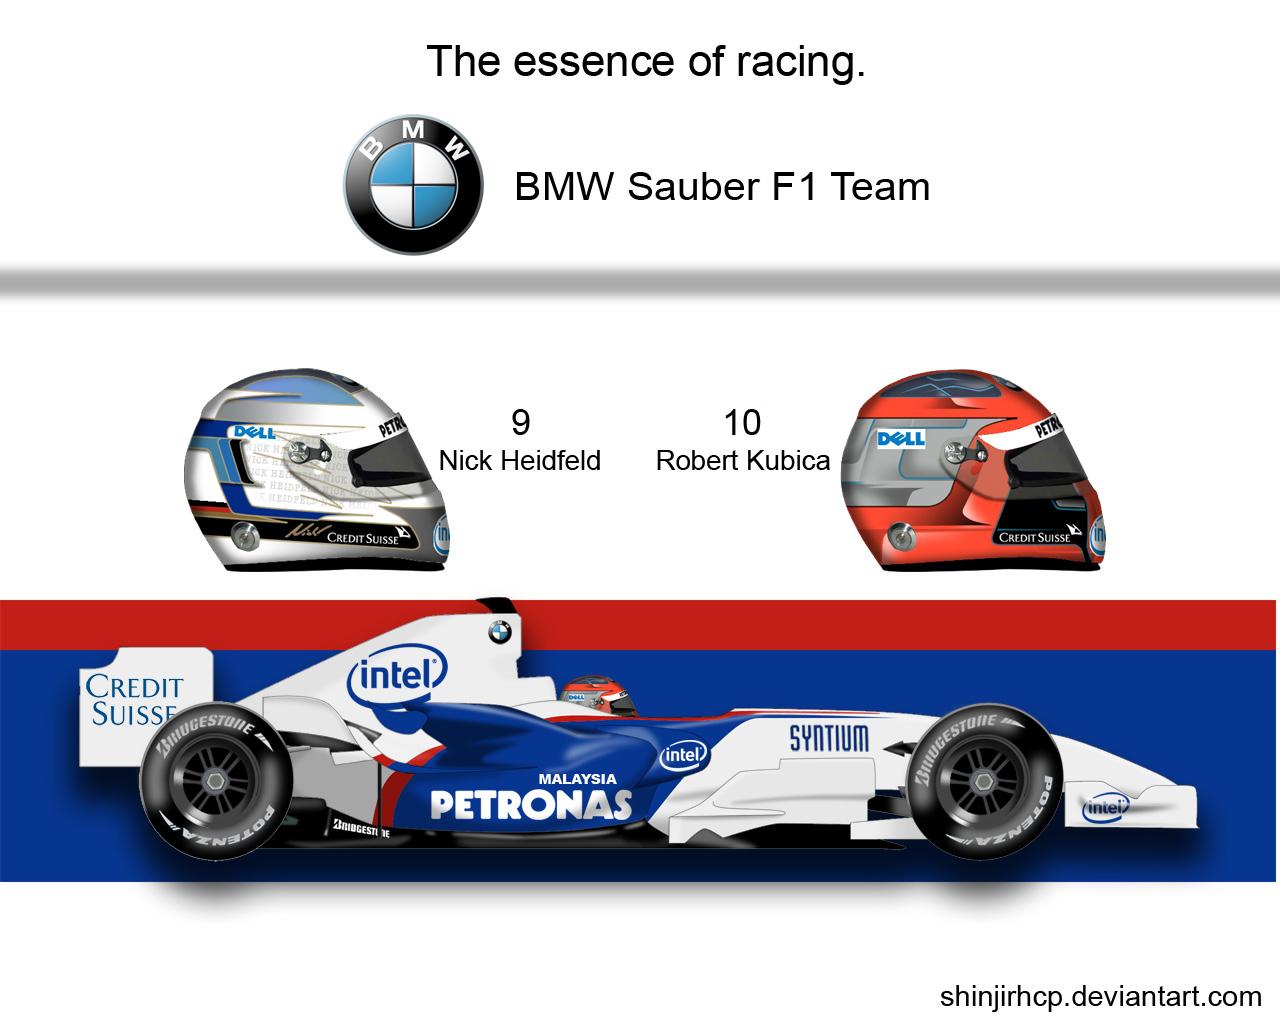 Bmw Sauber F1.07 by ShinjiRHCP